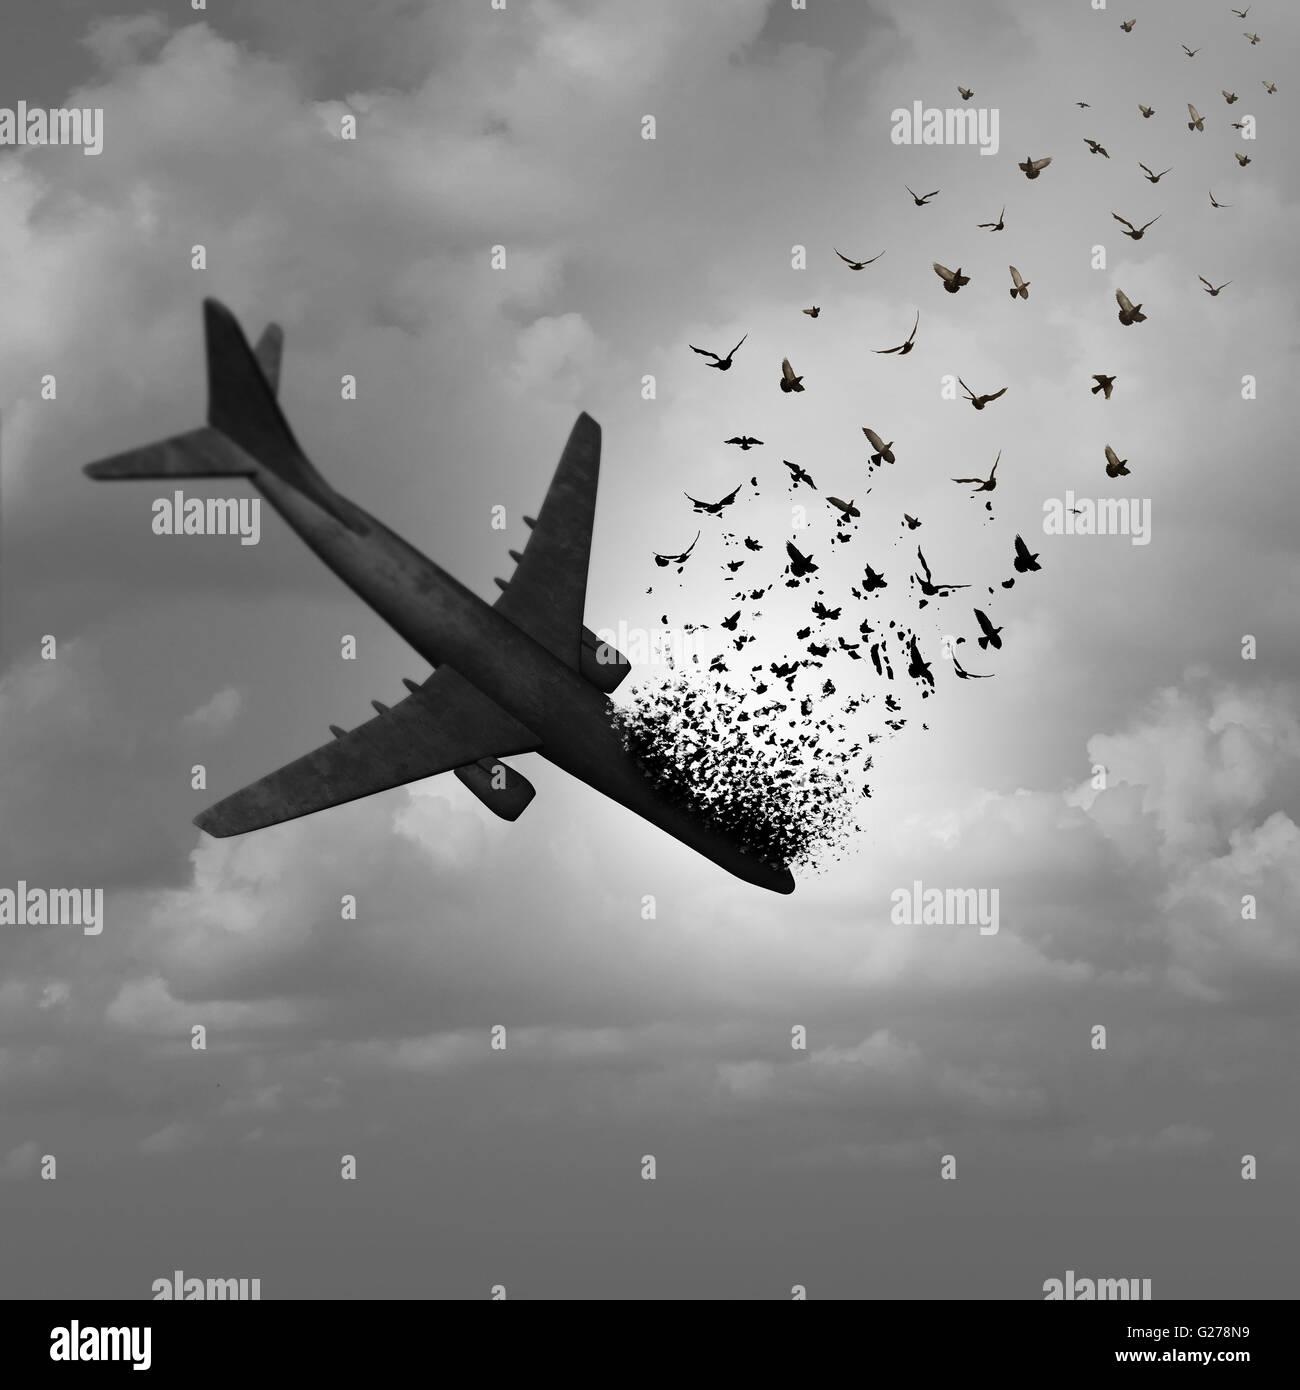 Flugzeug verschwinden und fehlenden Flug-Konzept als ein stürzen Absturz Flugzeug in den Himmel und die Transformierung Stockbild